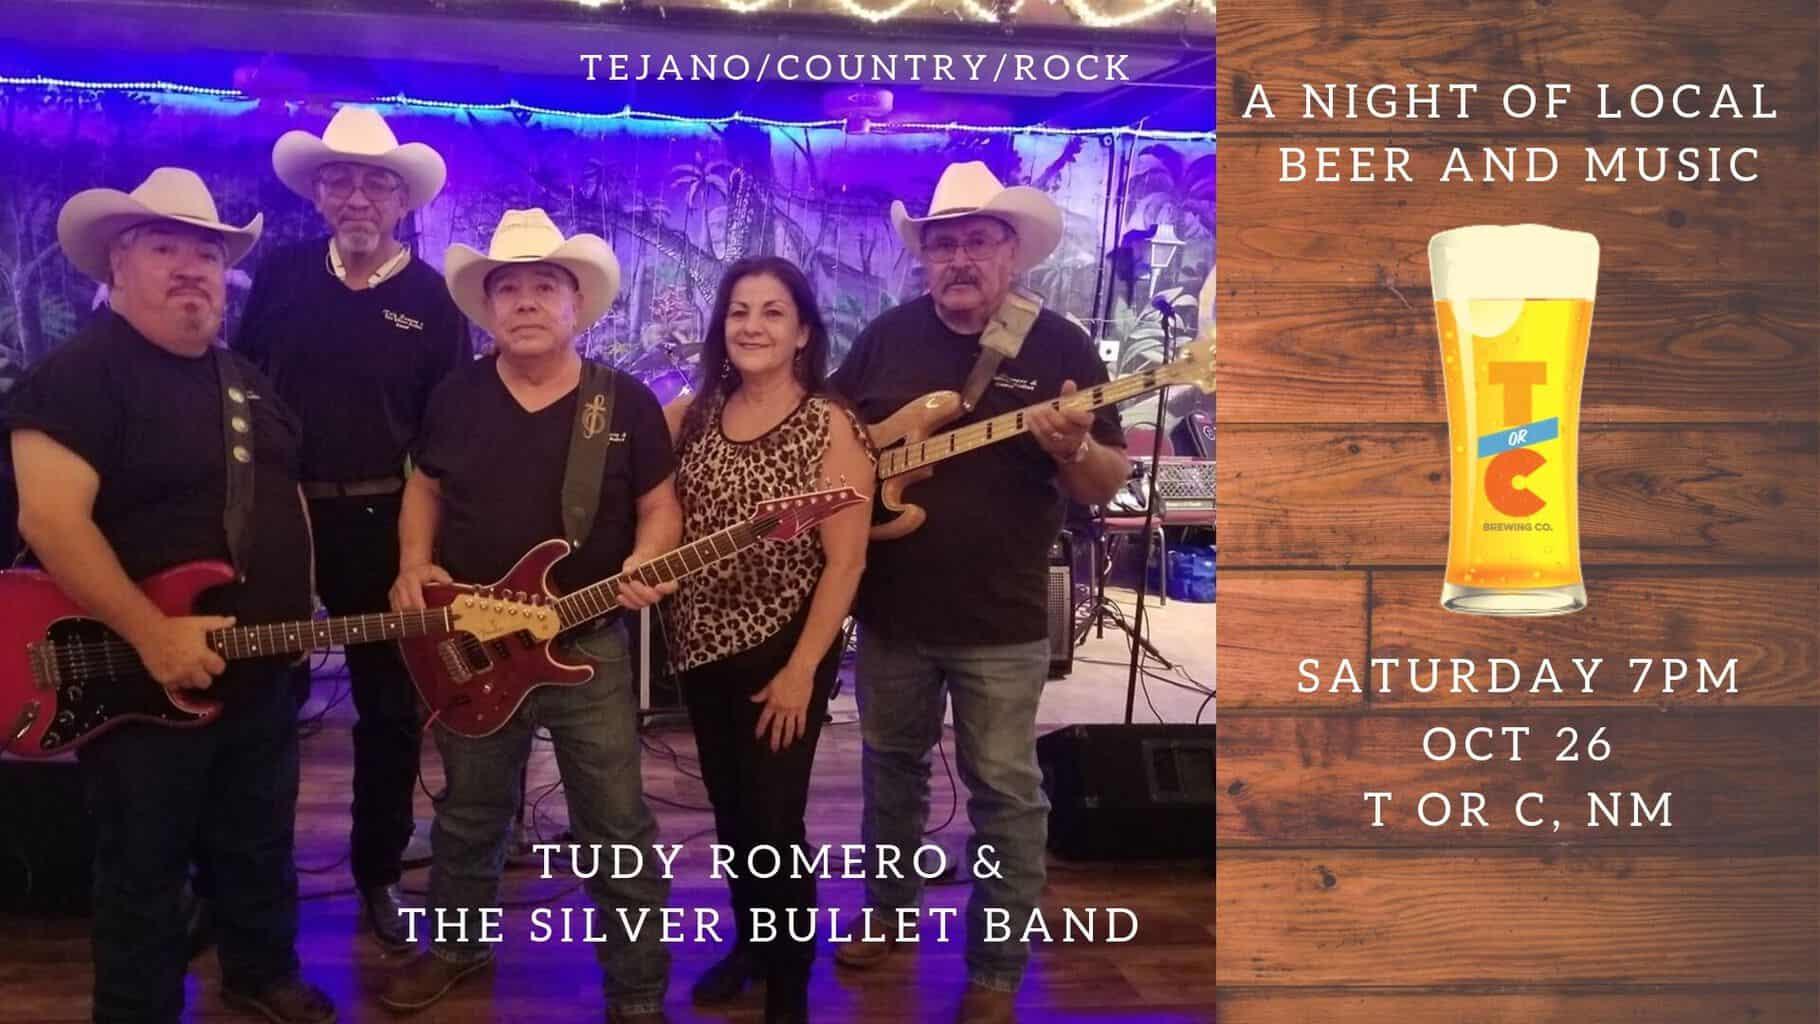 Tudy Romero & The Silver Bullets